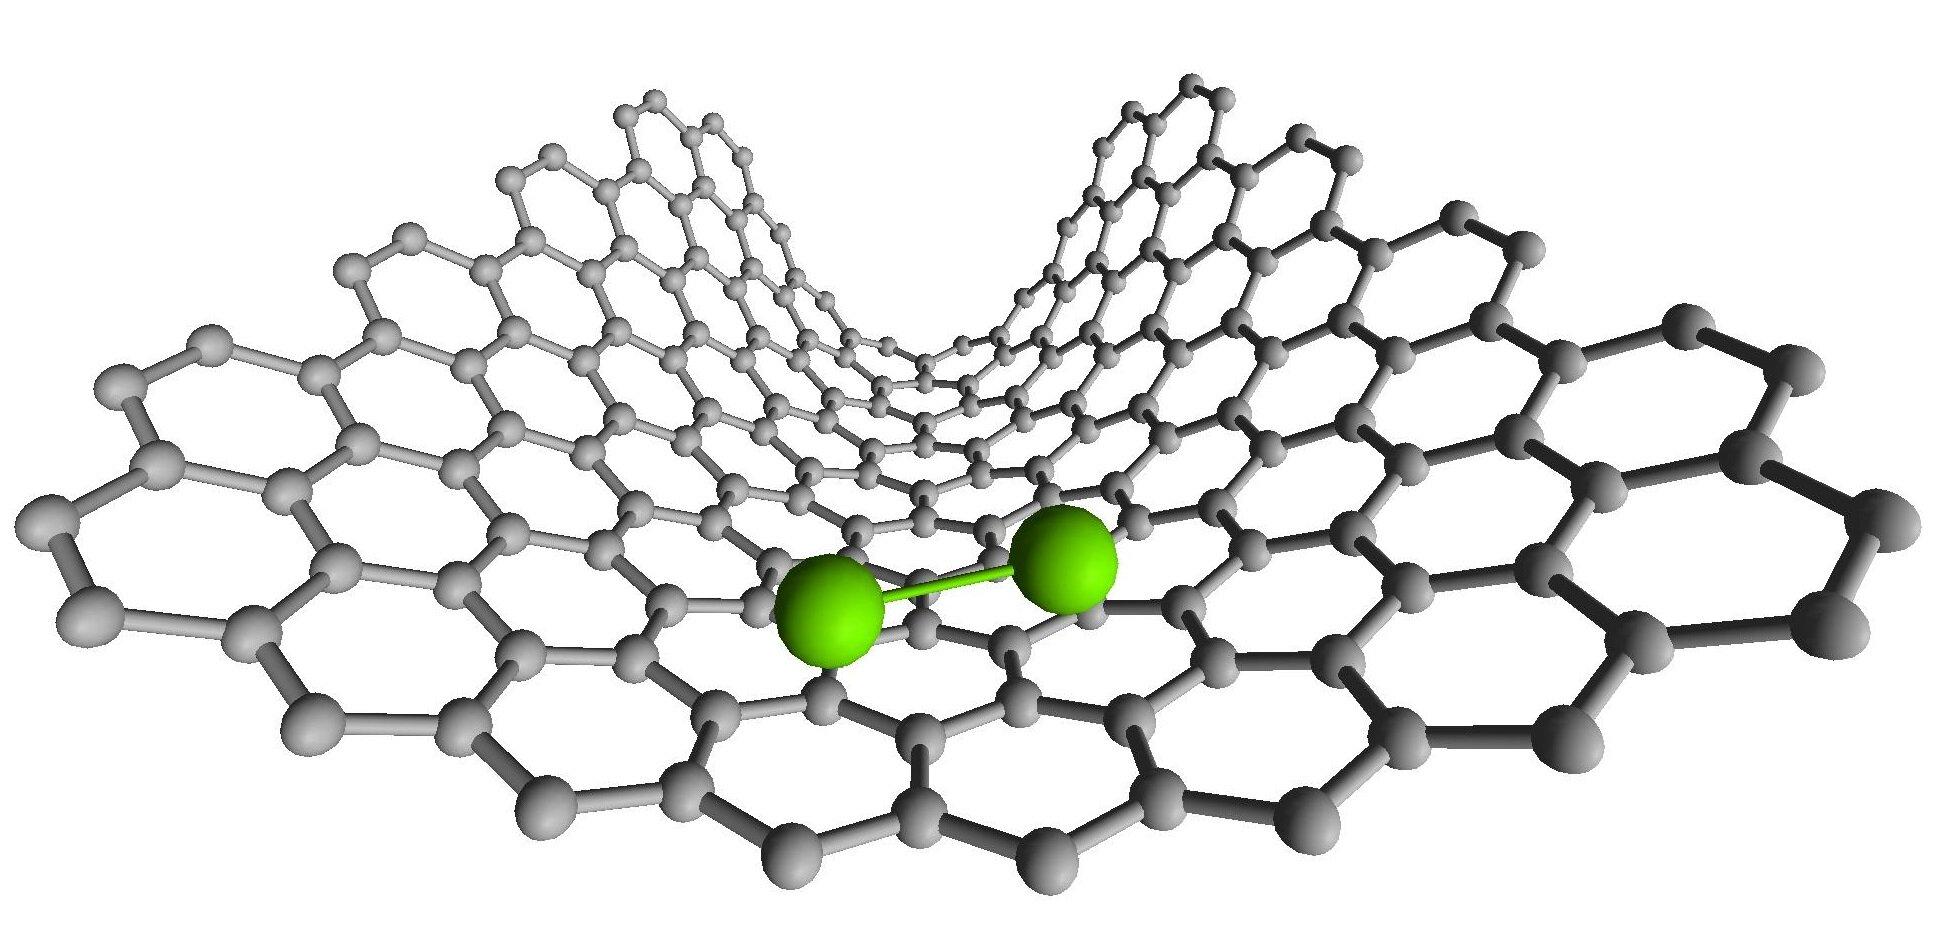 Электронный микроскоп позволяет отследить динамику формирования металлической связи между атомами